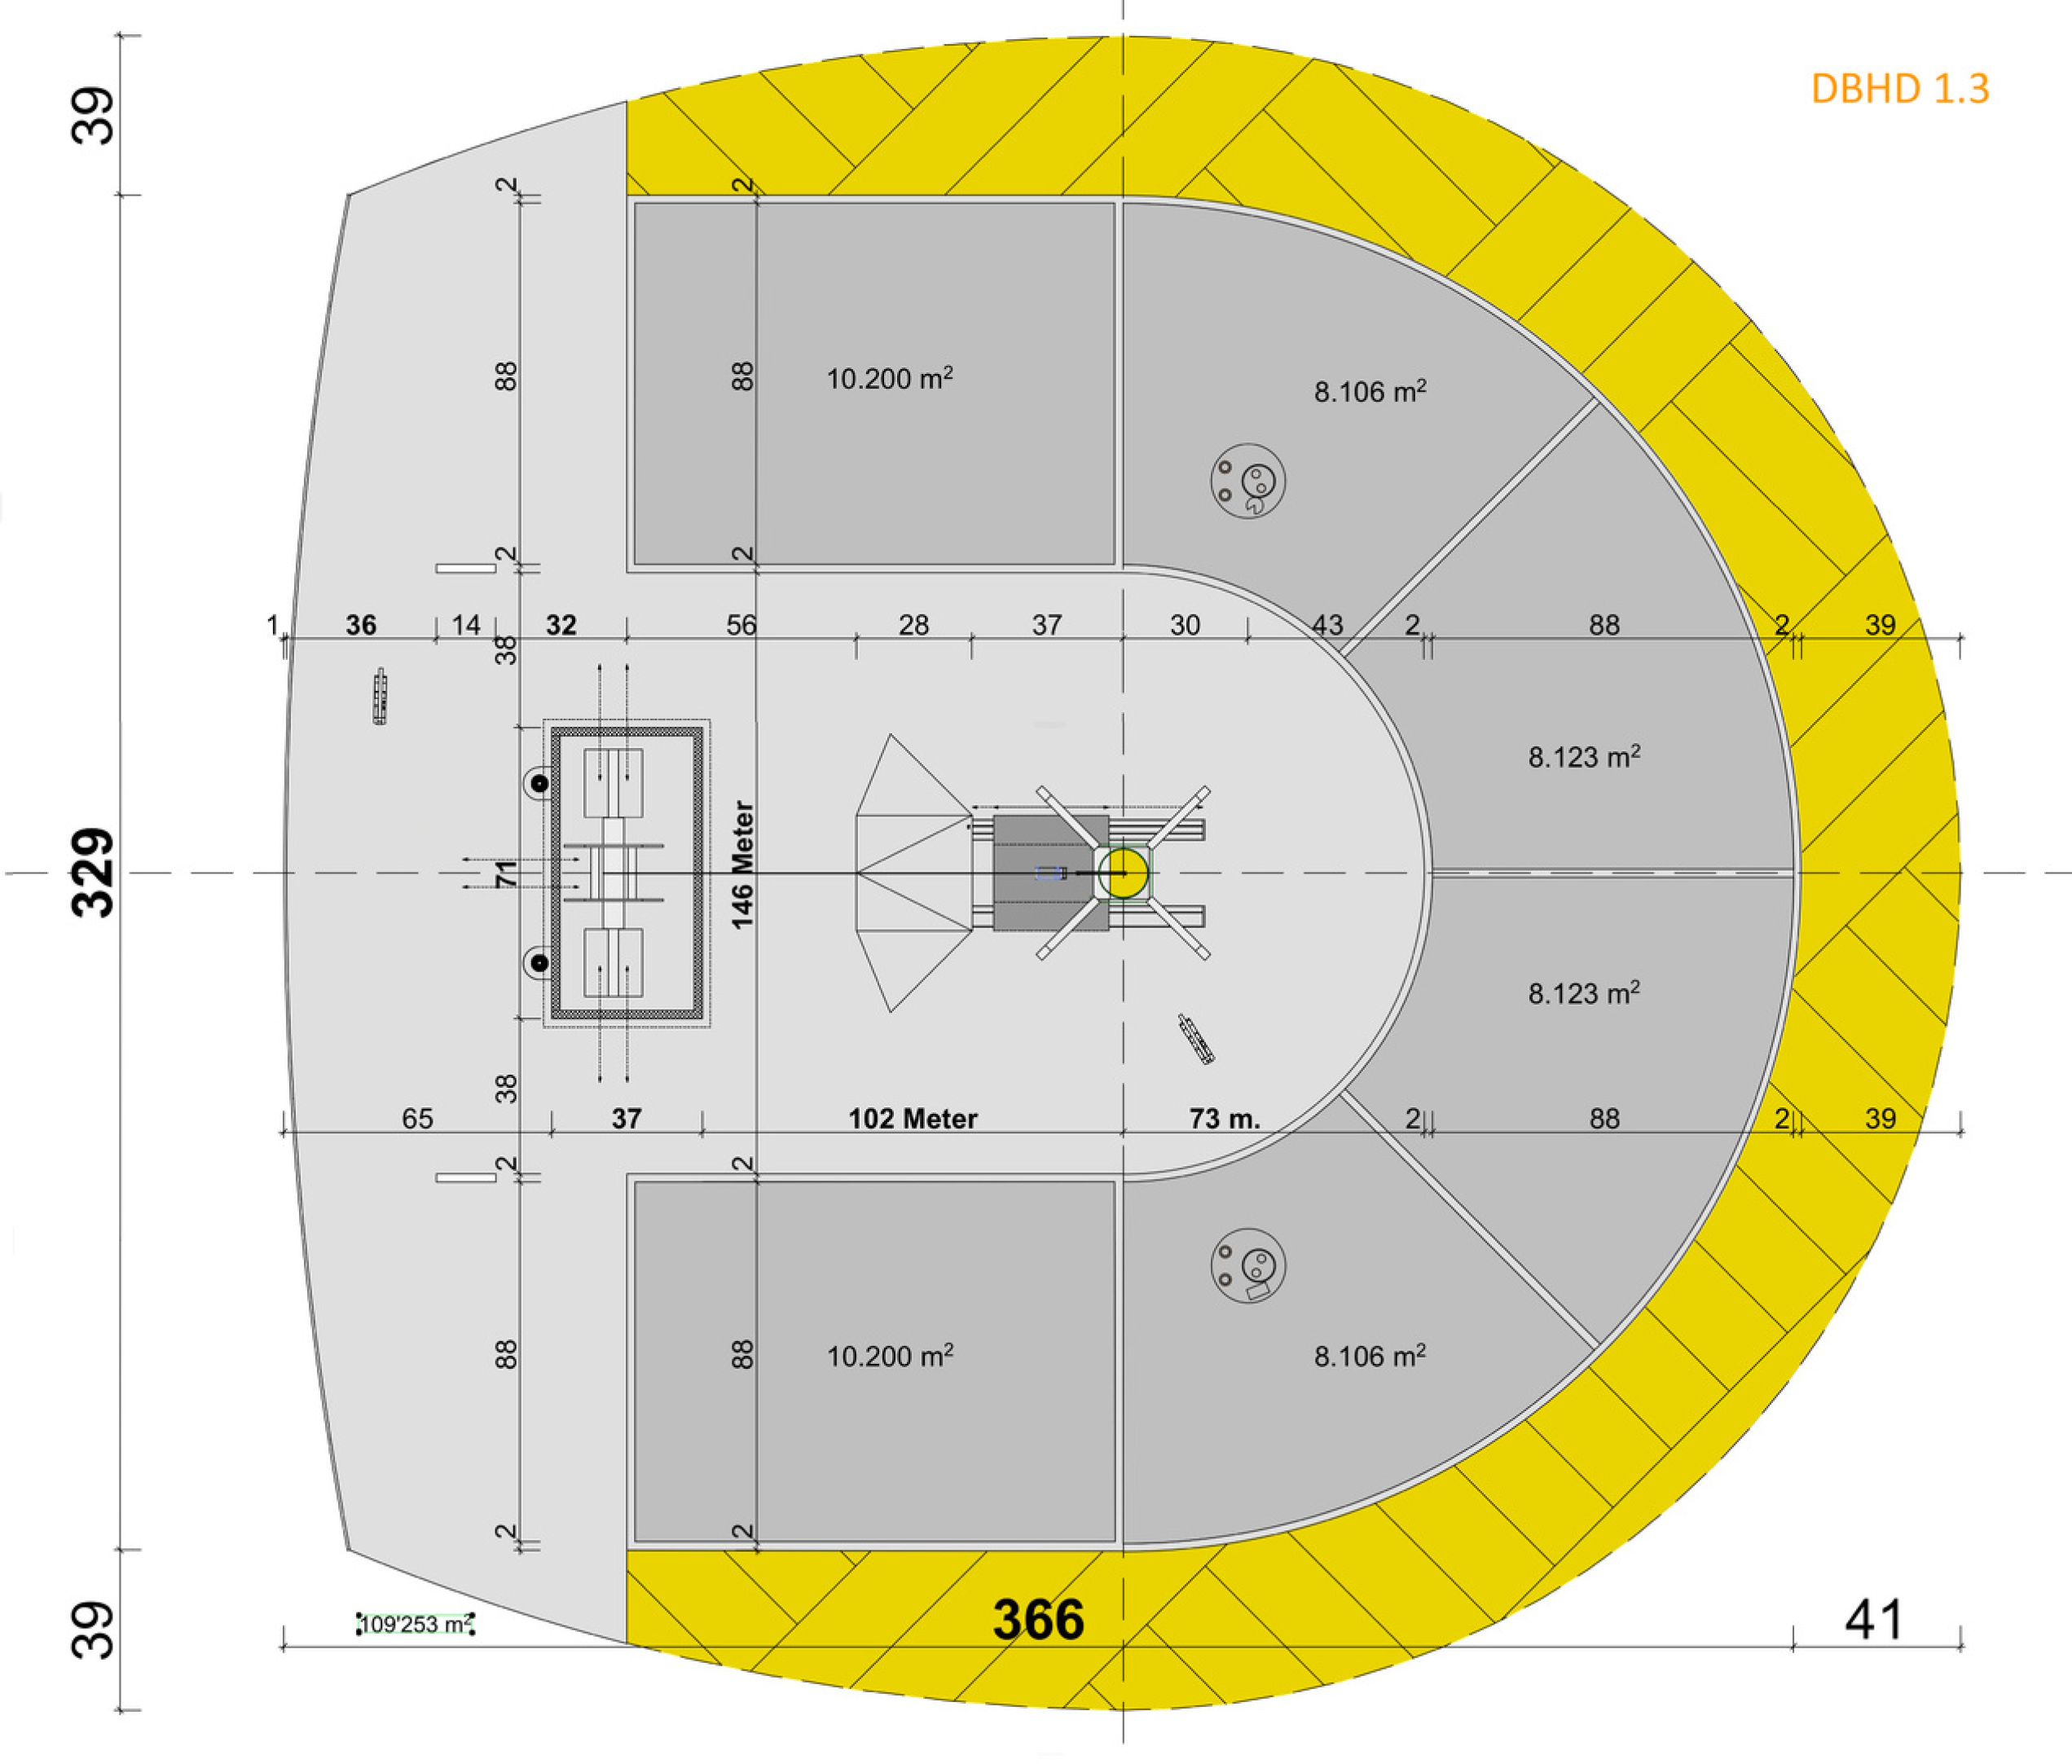 Volker Goebel Endlager DBHD_1.3_Grundriss_Floorplan_Surface_Oberfläche_Endlager_M-V._BFE_BGE_Ing_Goebel_Fachplanerjpg